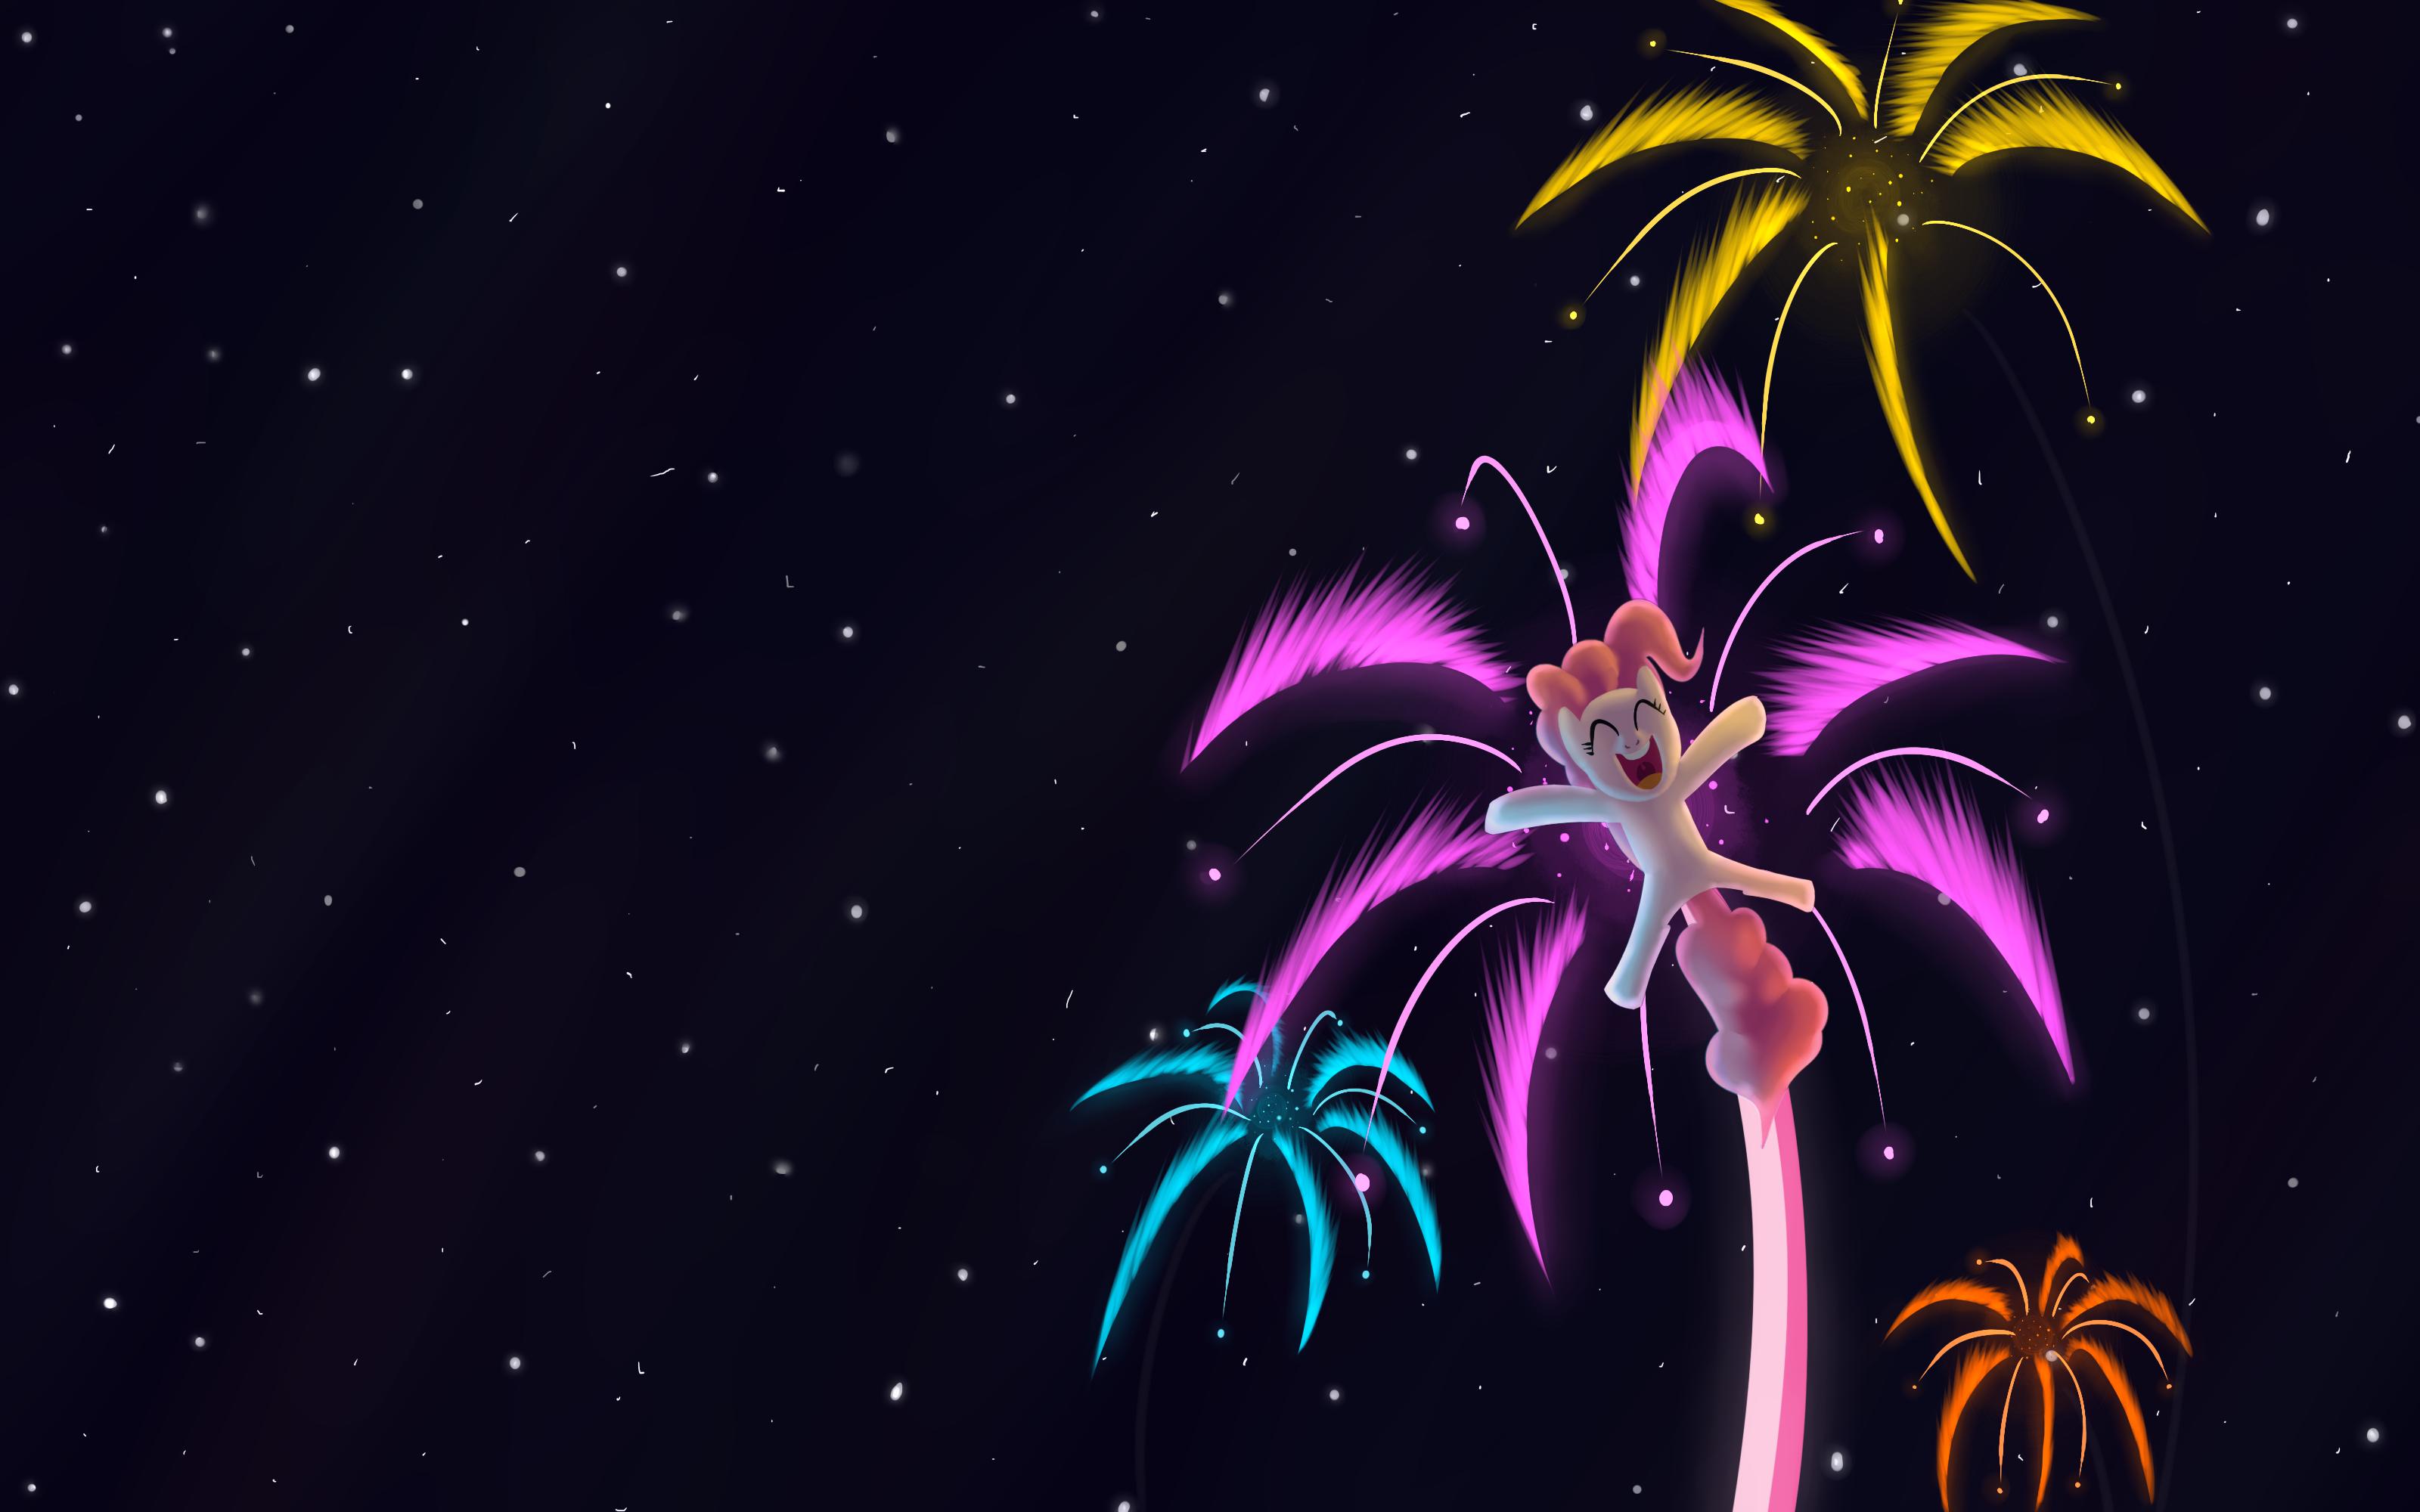 Pinkie's Fireworks by Ilonis